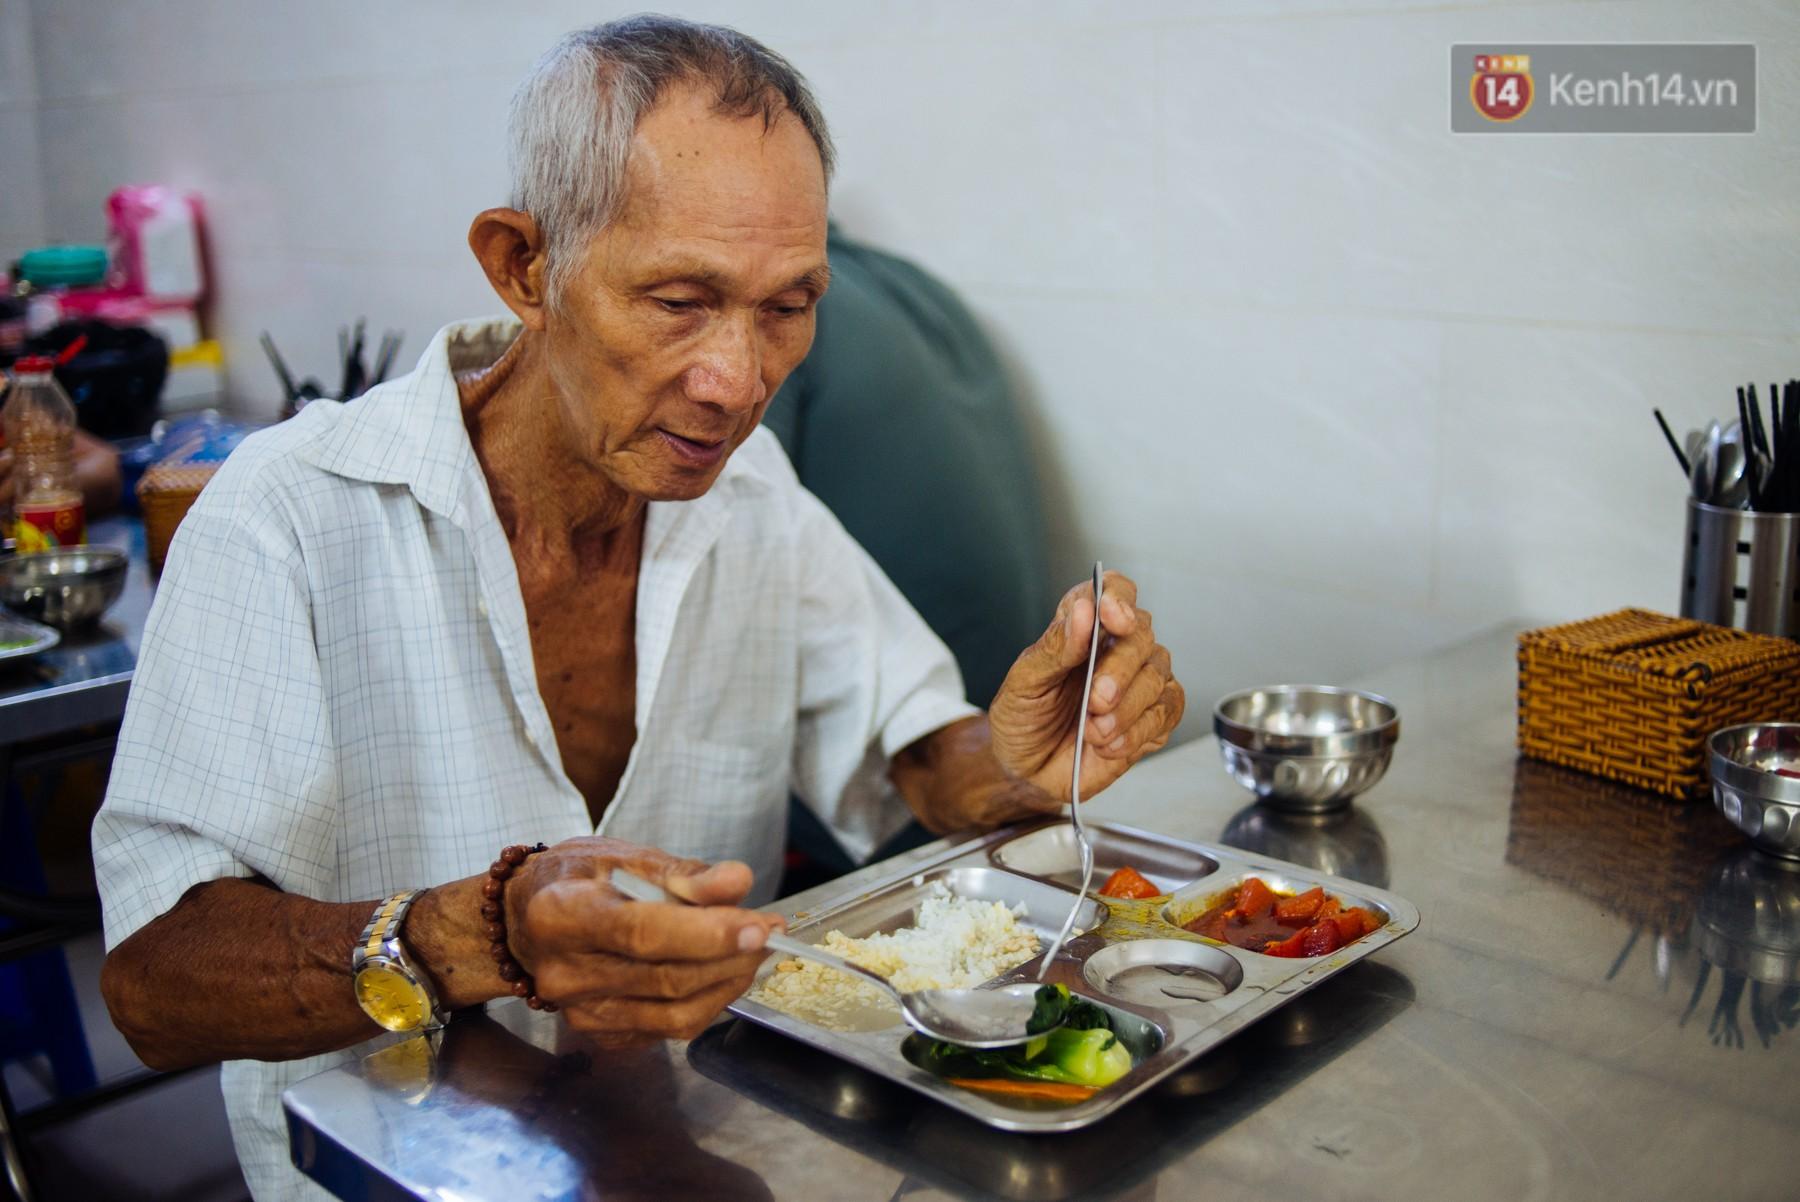 Giàu như anh bán chuối chiên Sài Gòn: Mở quán cơm 5k cho người thu nhập chưa cao, 5 năm đắt hàng - Ảnh 8.